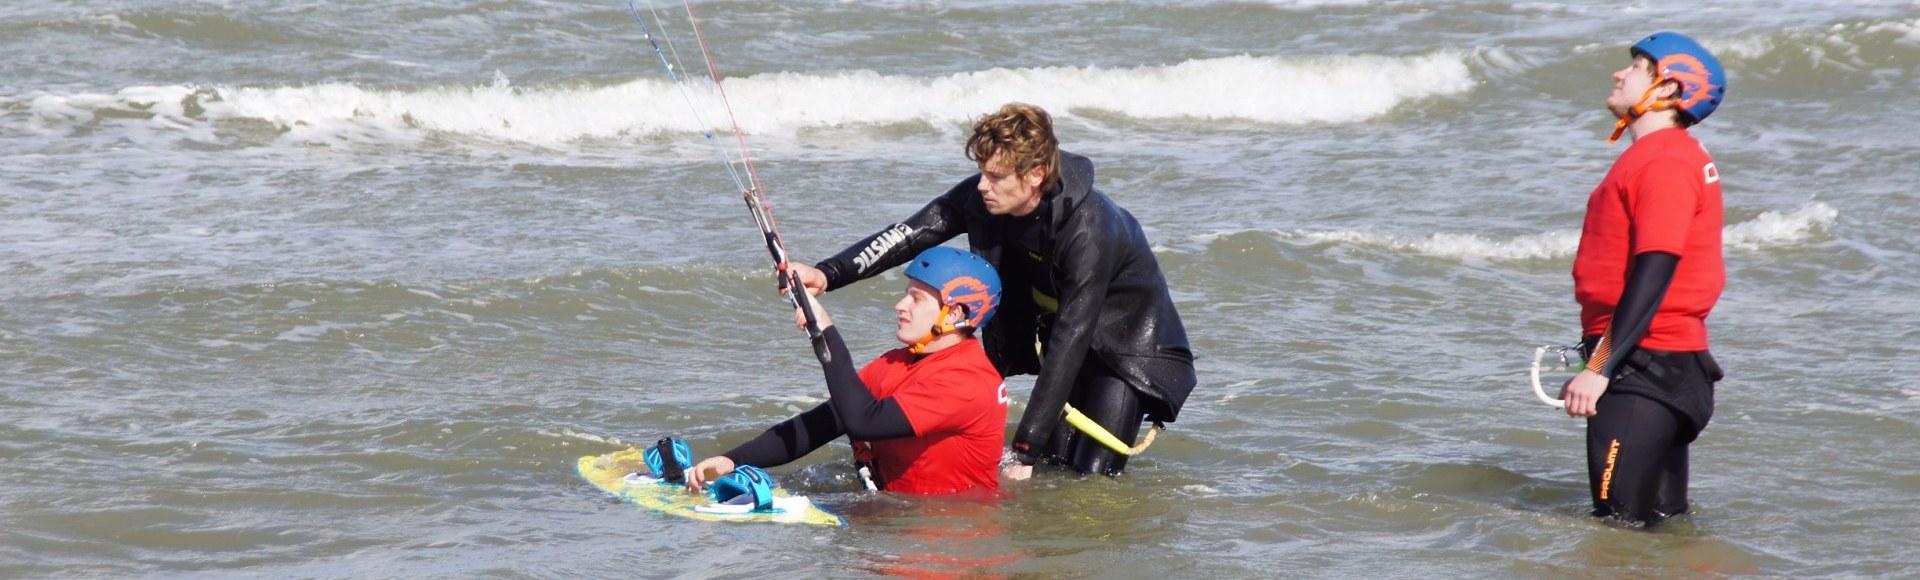 IKO instructeur worden Bloemendaal aan zee